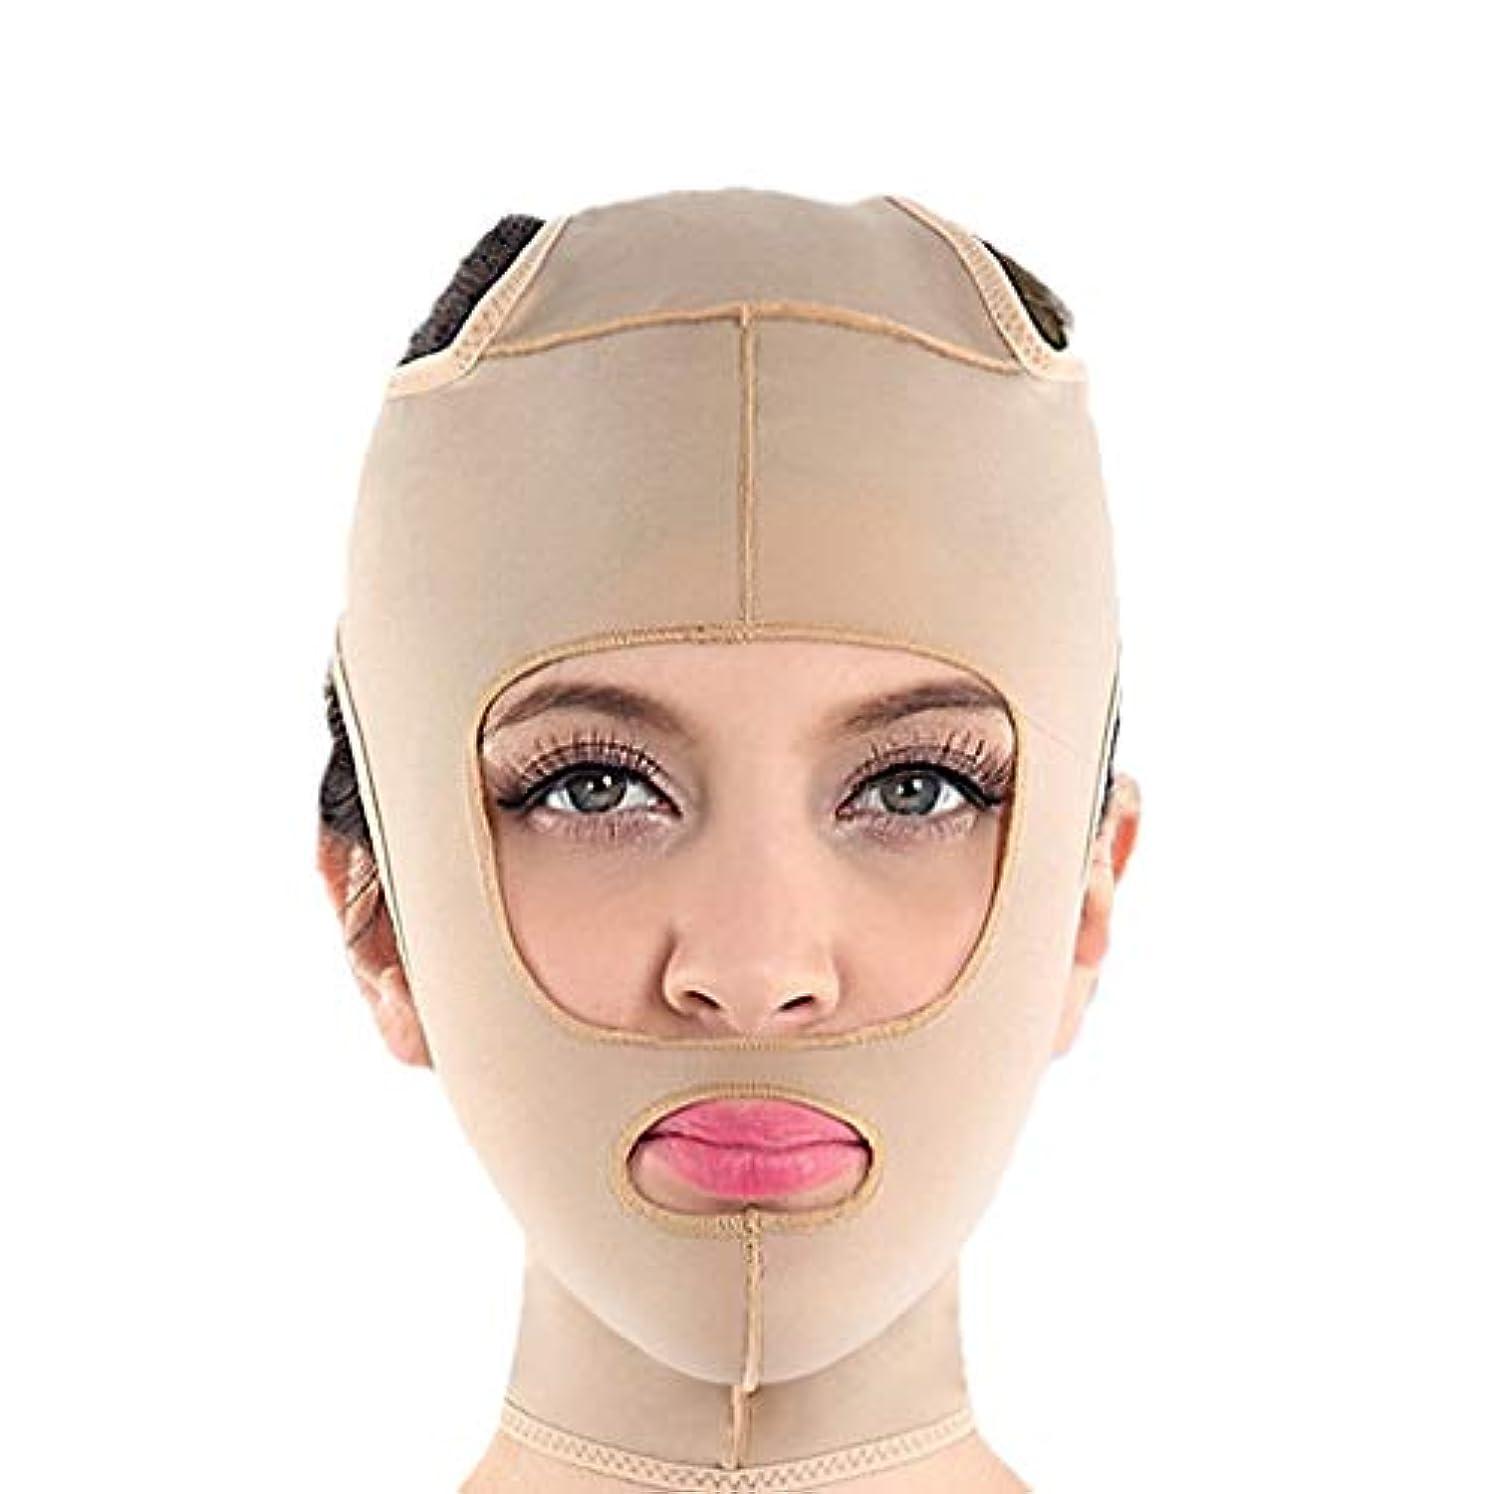 手段運動人事XHLMRMJ フェイスリフティング、ダブルチンストラップ、フェイシャル減量マスク、ダブルチンを減らすリフティングヌードル、ファーミングフェイス、パワフルリフティングマスク (Size : L)